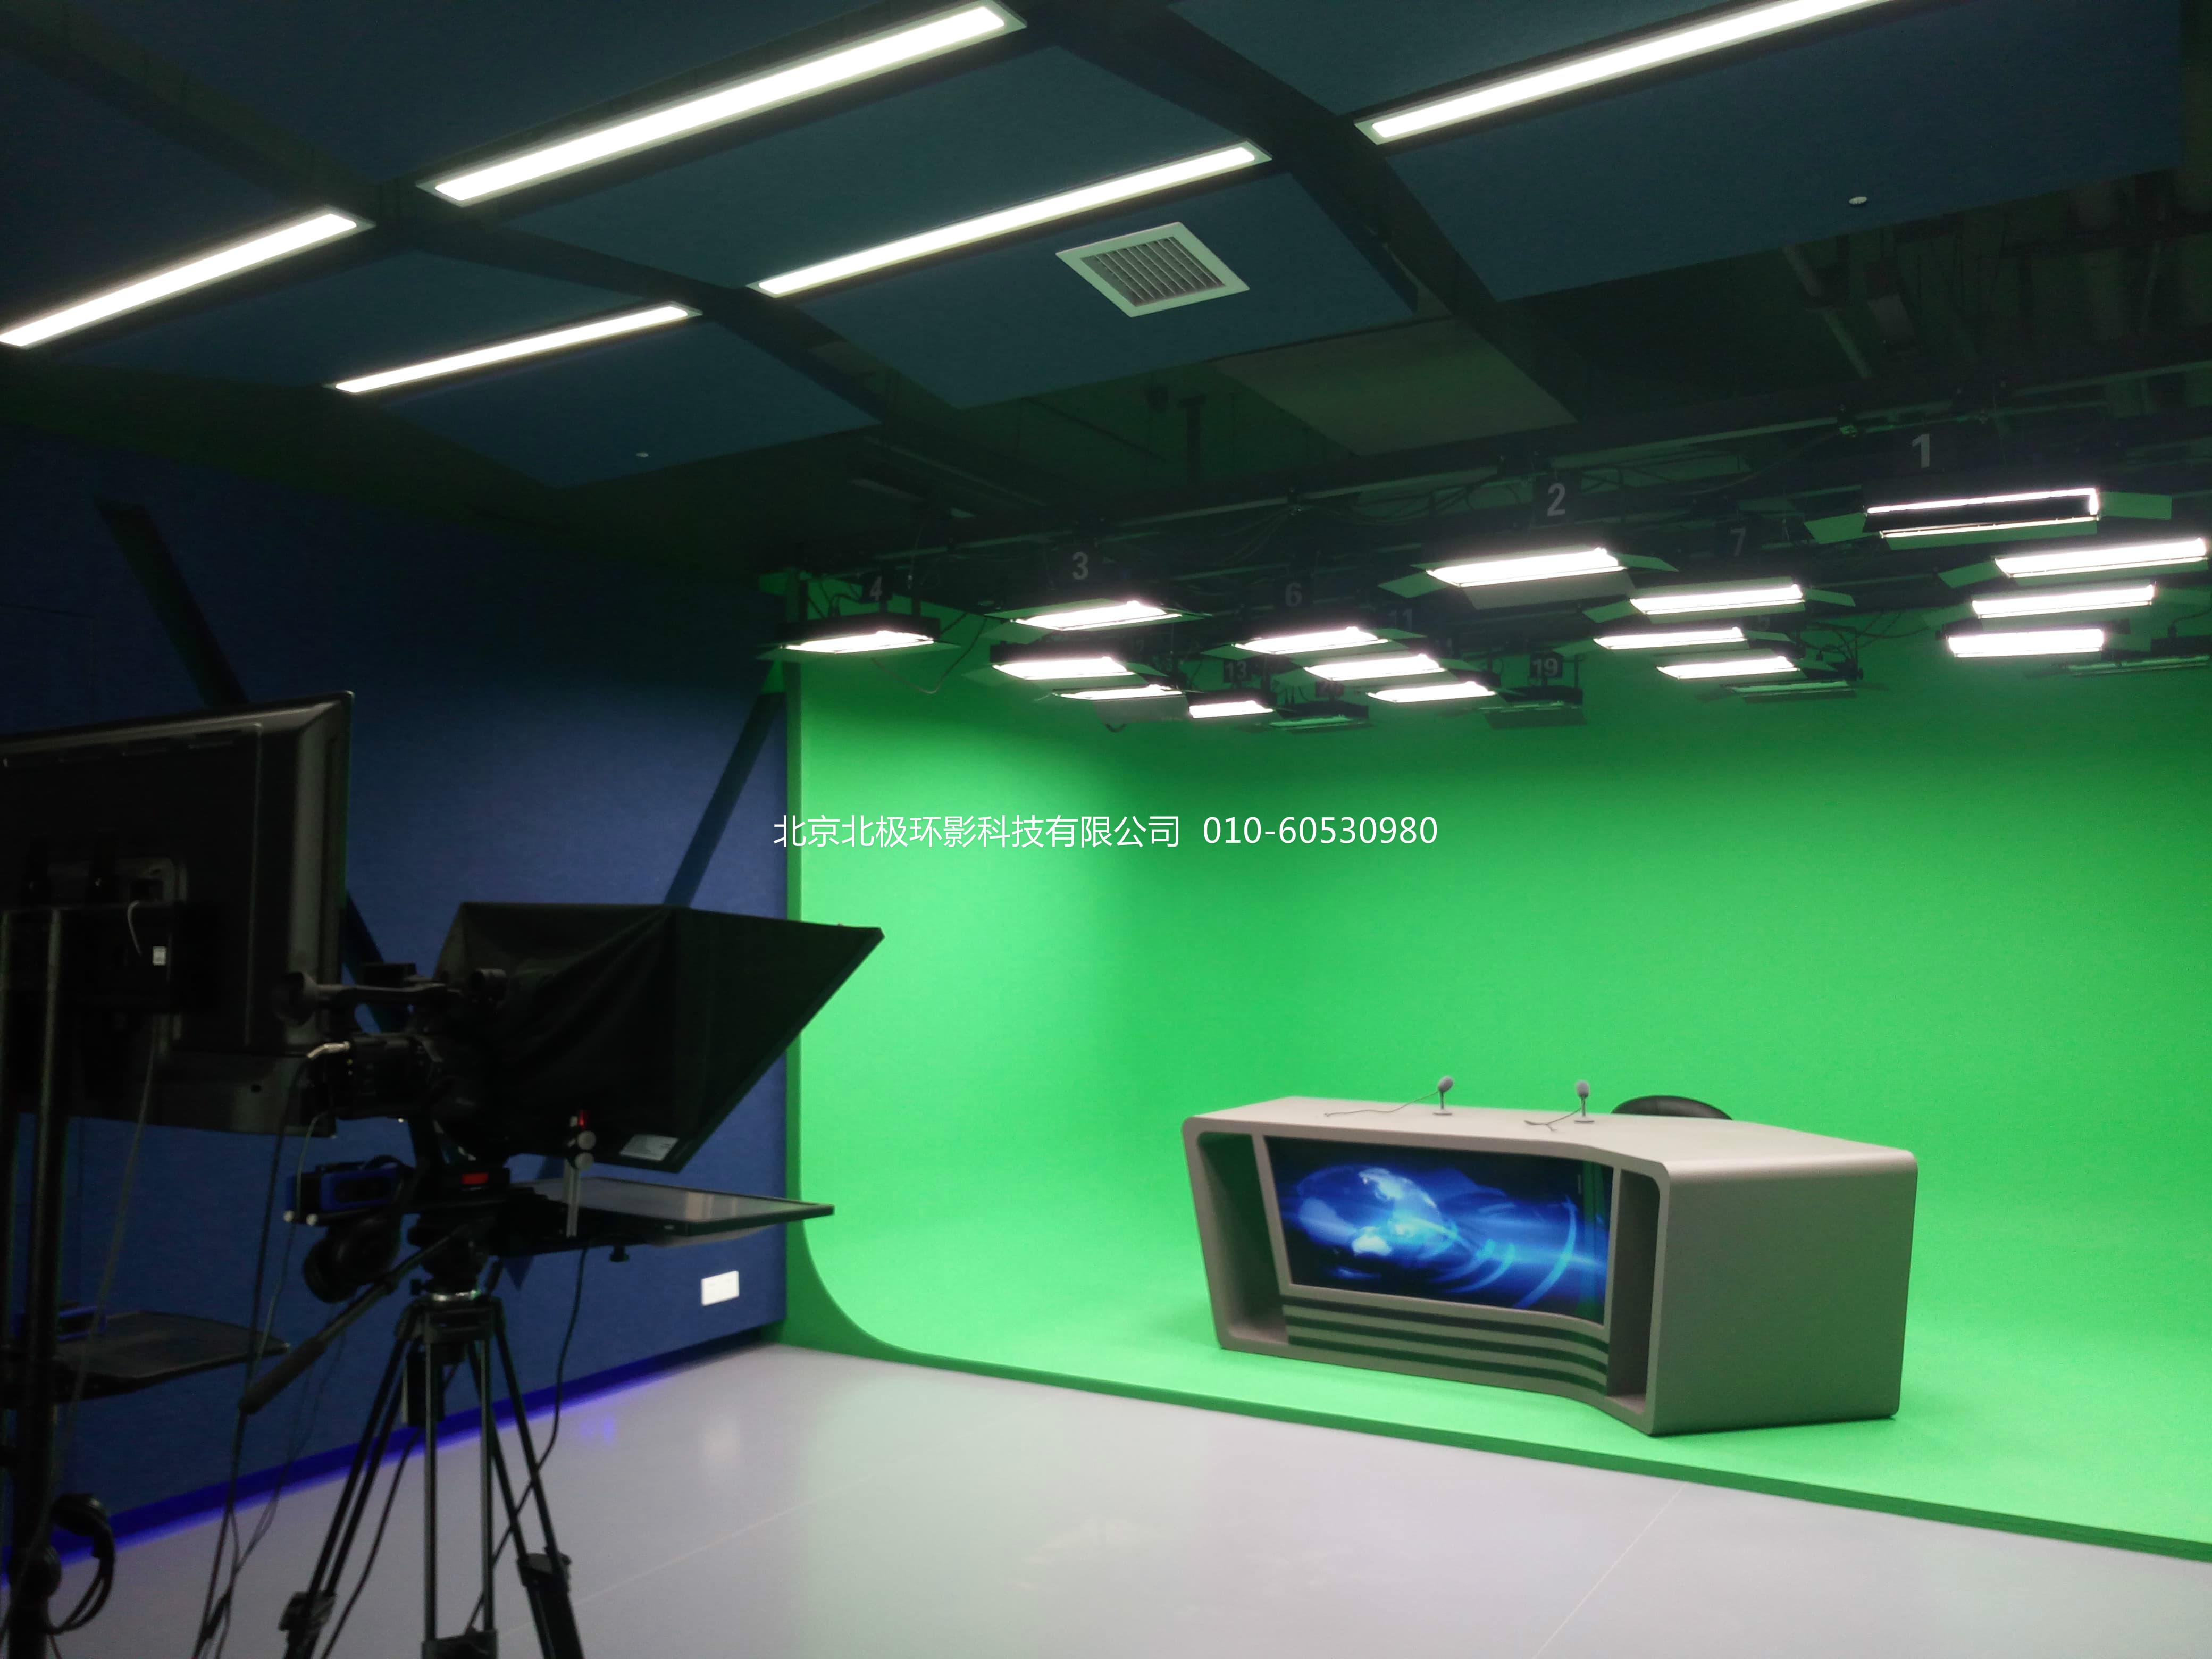 浅谈虚拟演播室装修之两面墙抠像蓝箱安装方式